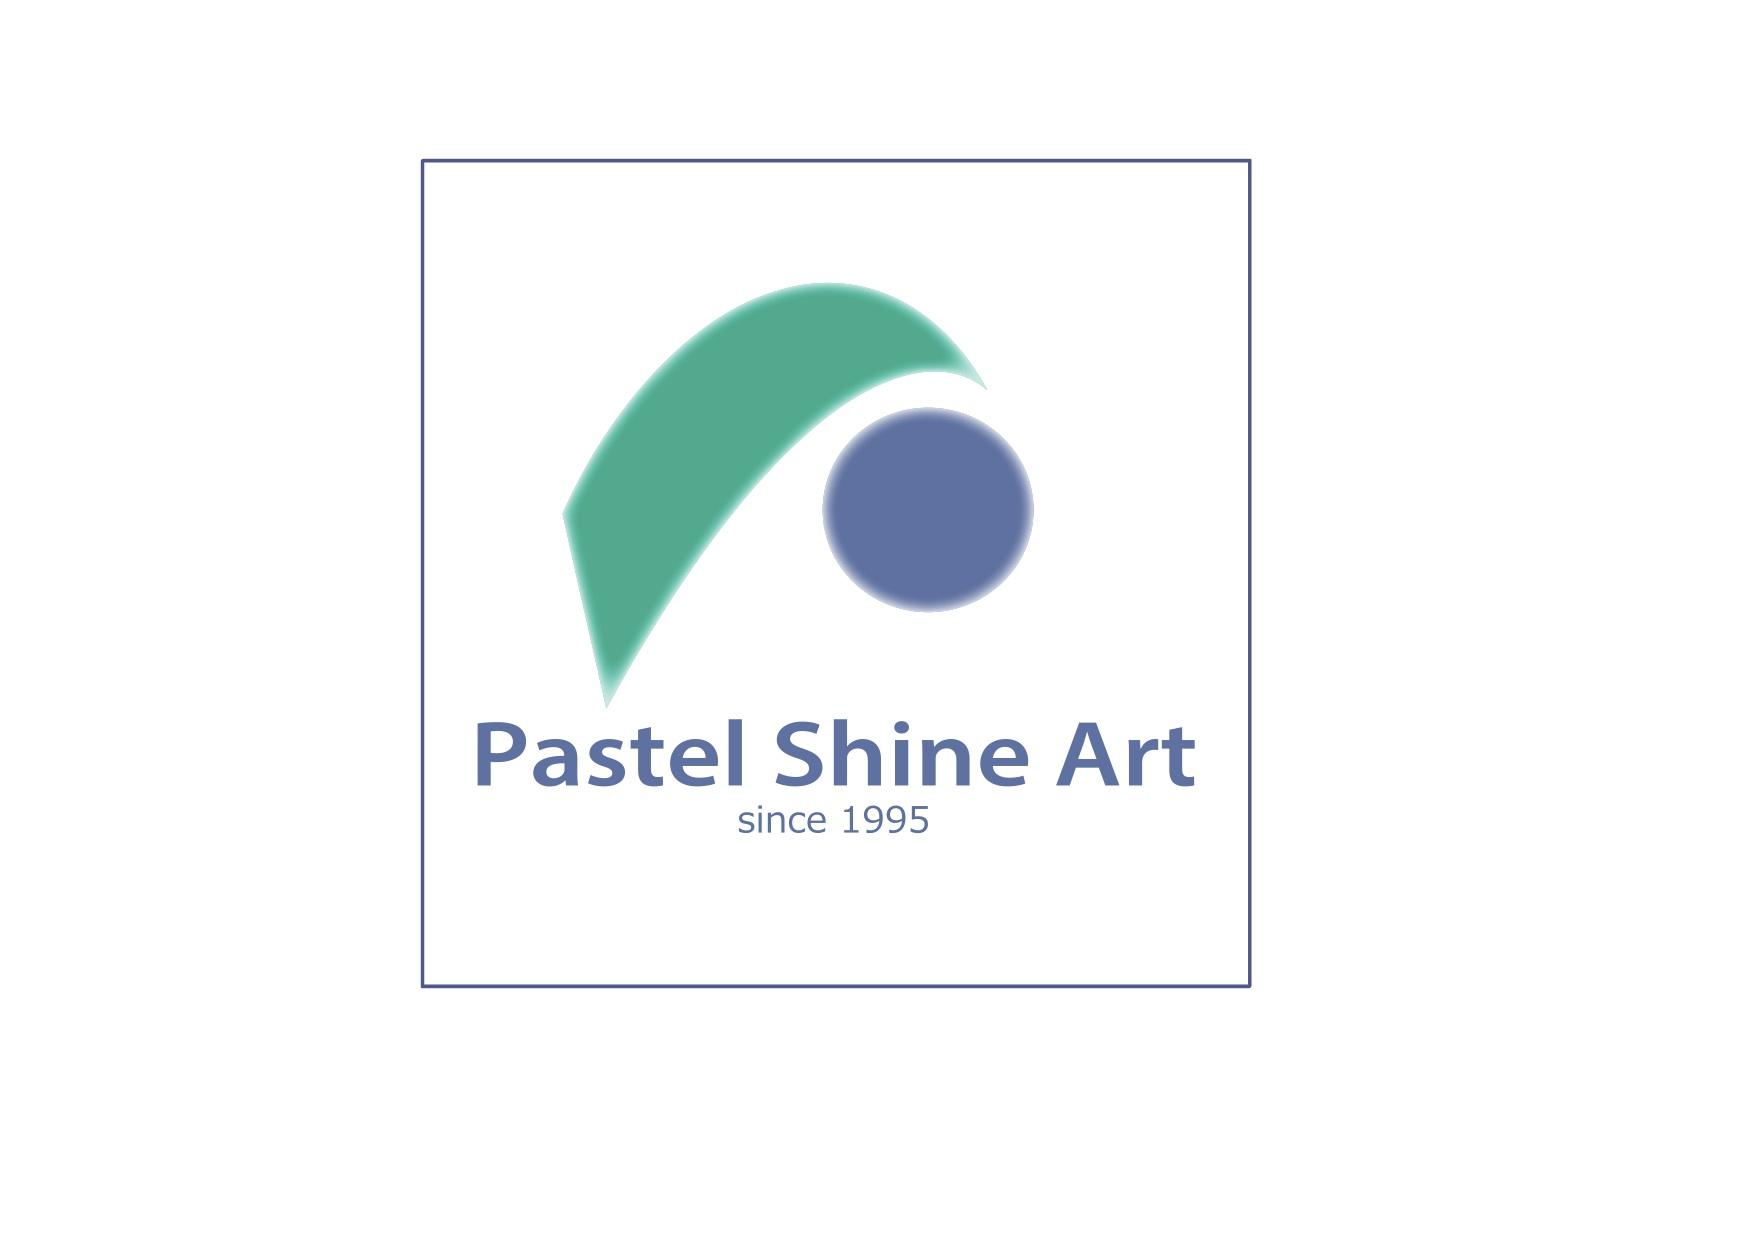 PSA新ロゴ発表_f0071893_1128351.jpg